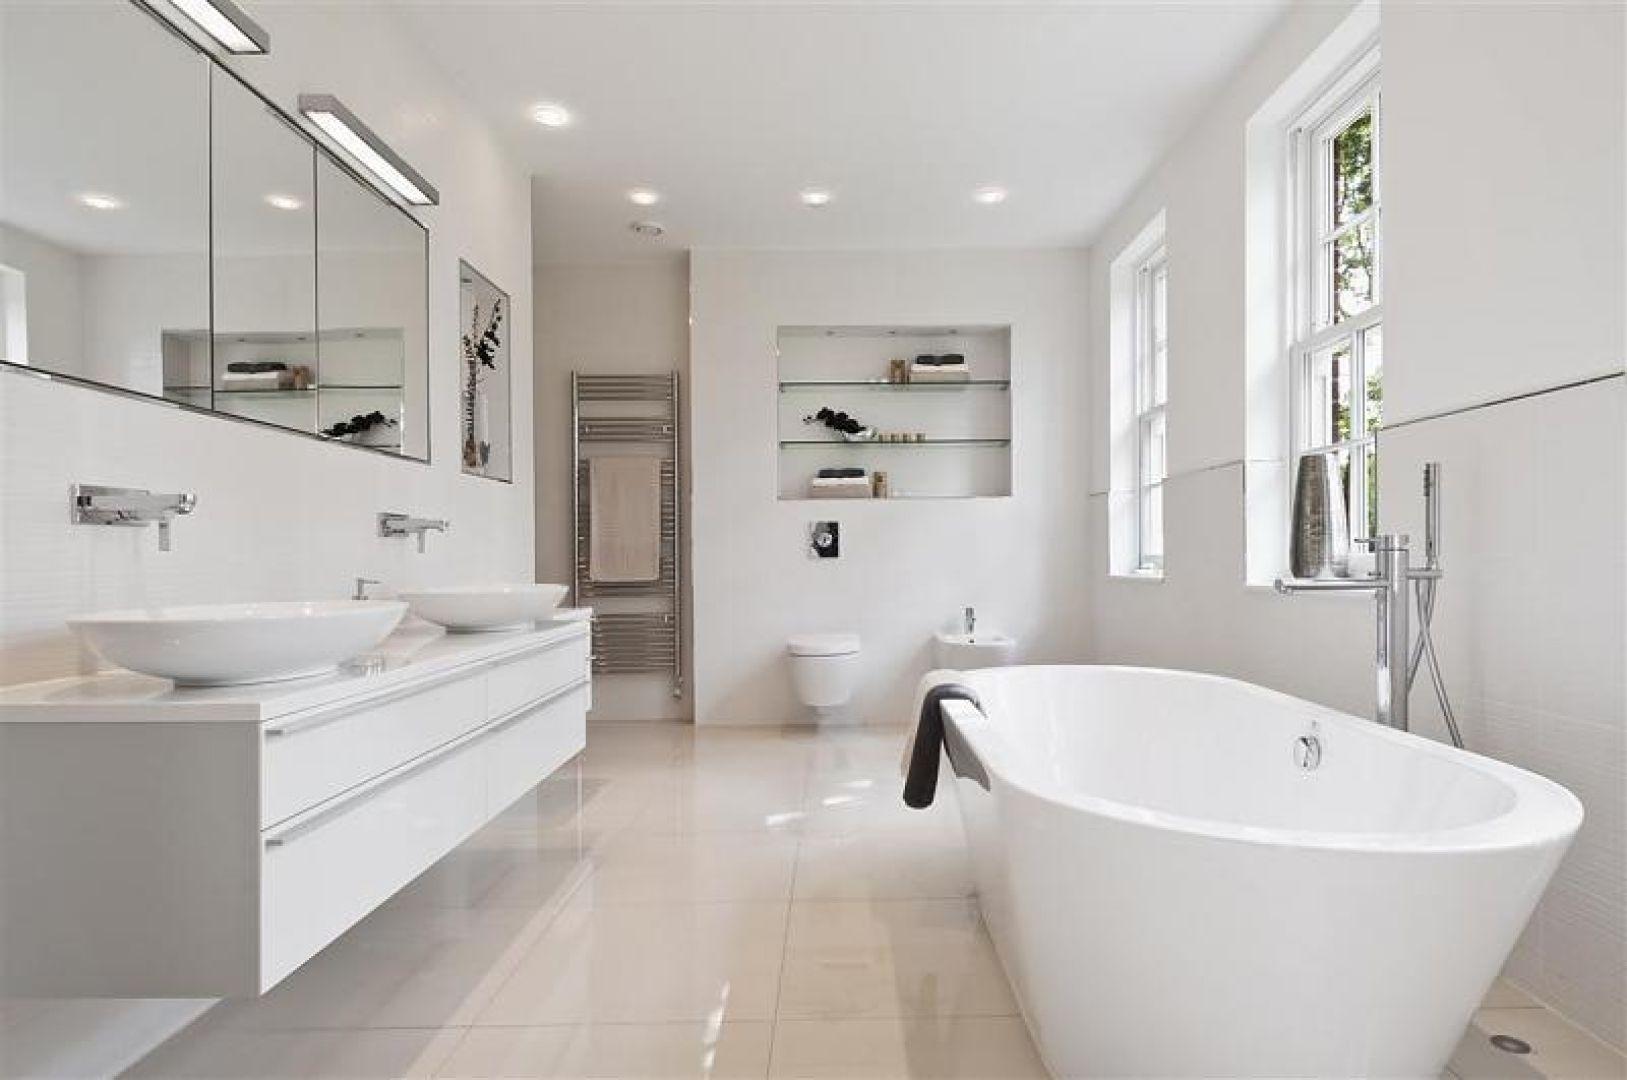 gạch ốp nhà tắm - gạch porcelain